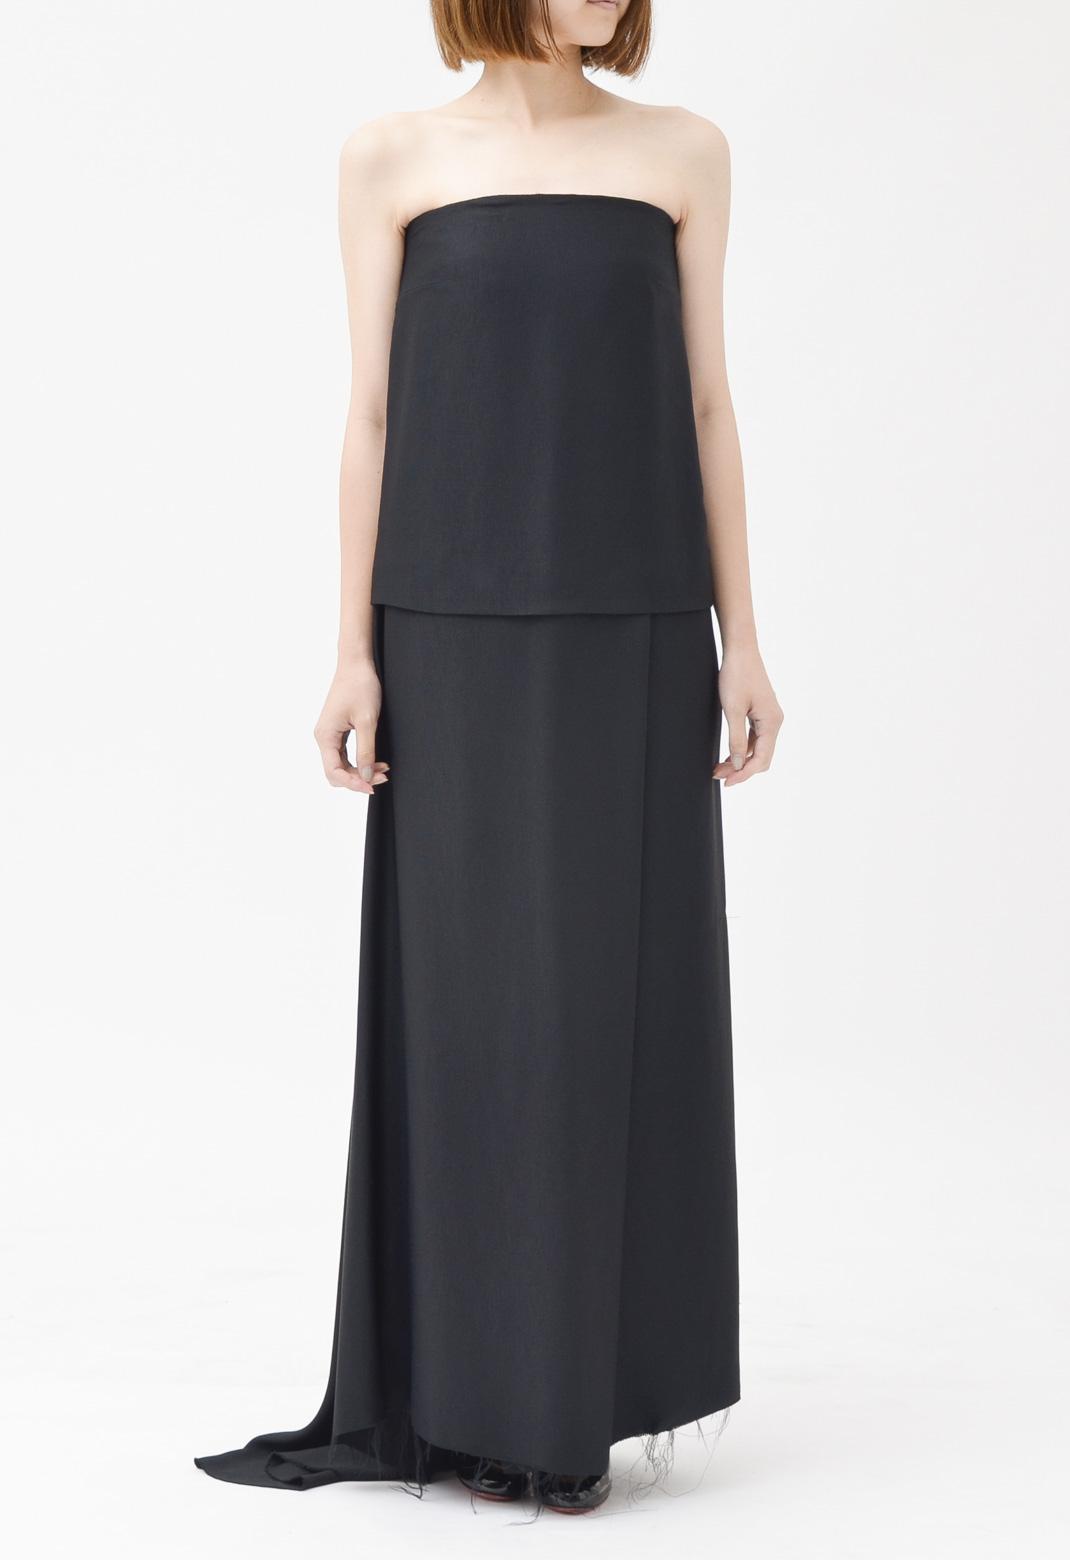 ストラップレス ロング ドレス